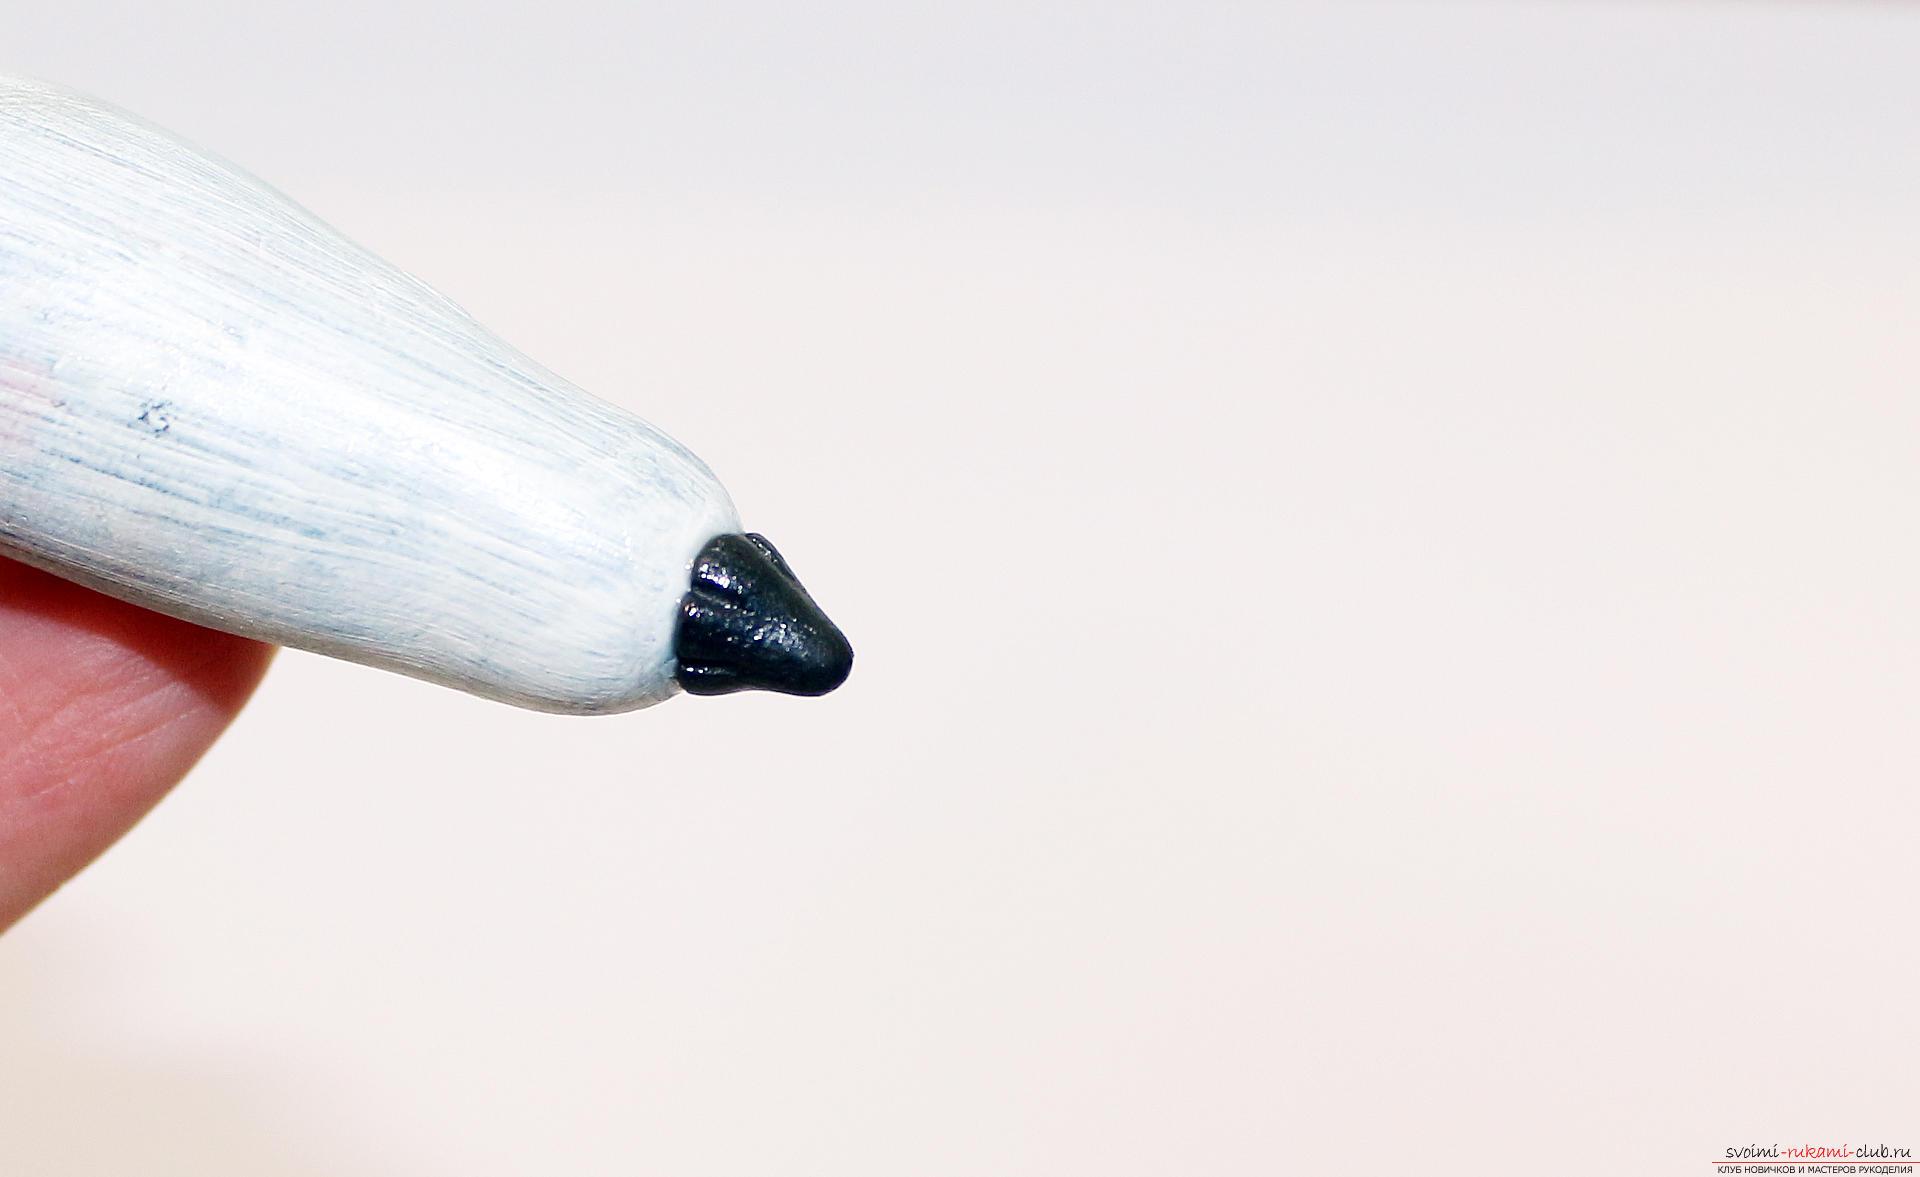 Этот подробный мастер-класс по лепке из полимерной глины расскажет как сделать своими руками фигурки из полимерной глины - овощи и фрукты для детей.. Фото №46